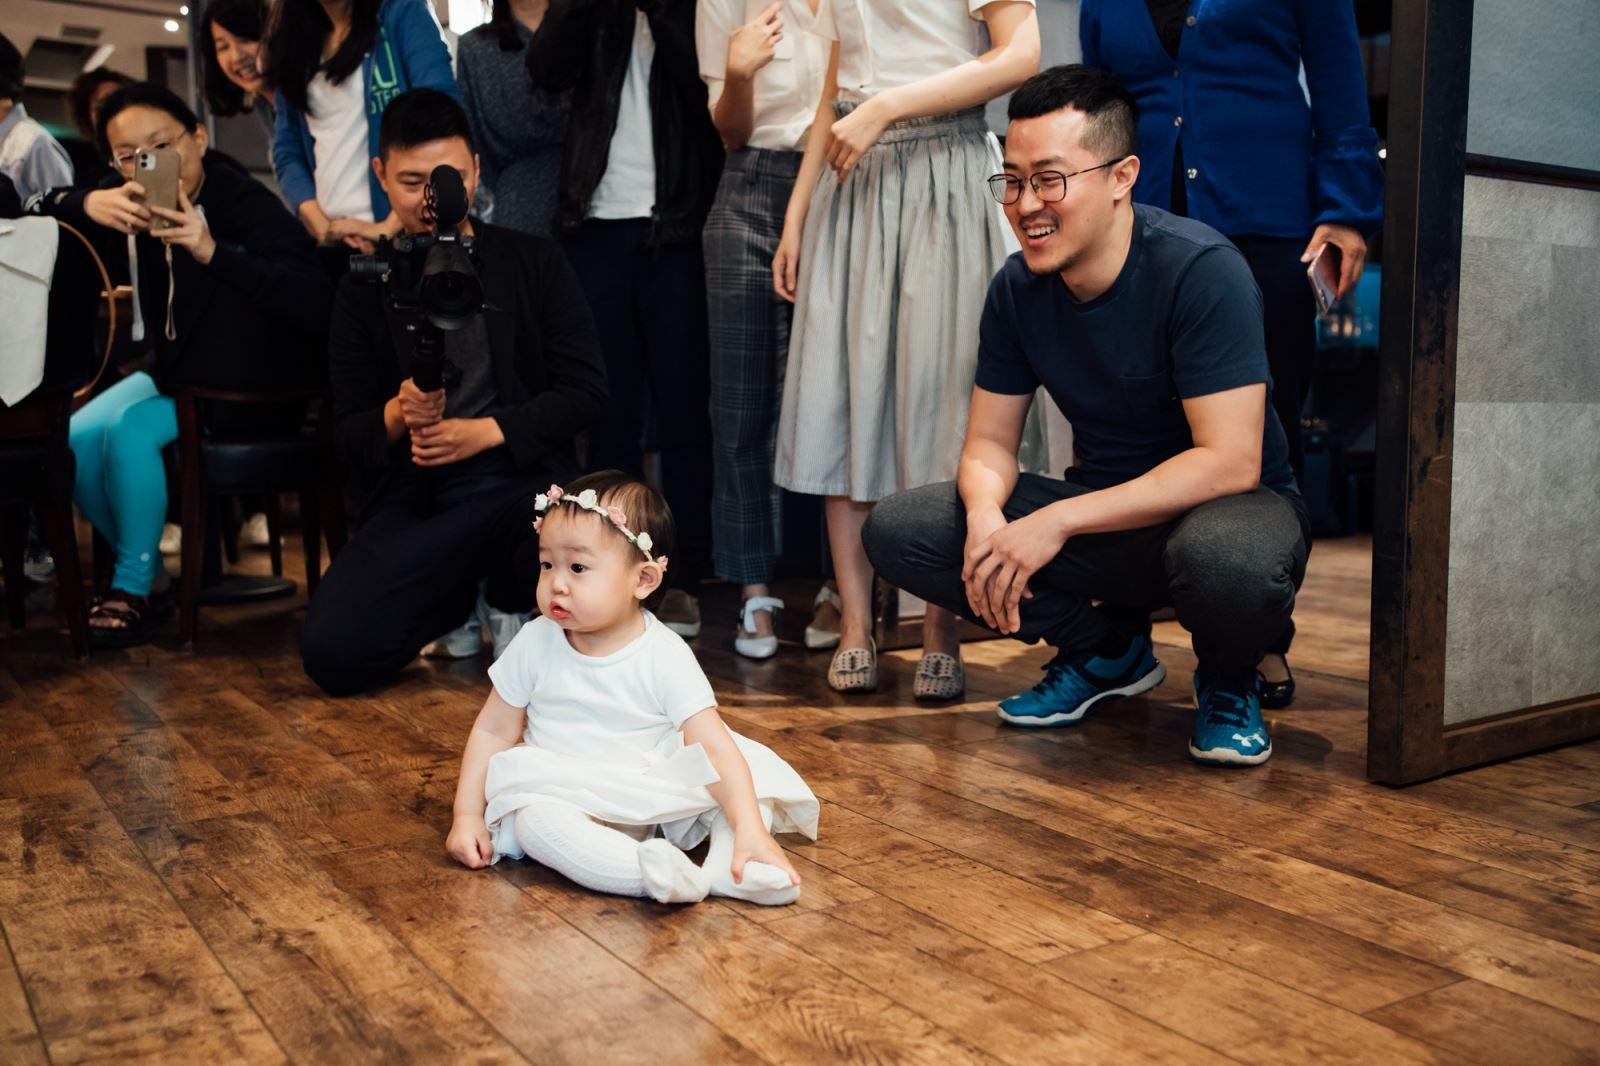 抓周派對的小遊戲,預測寶寶的未來老公